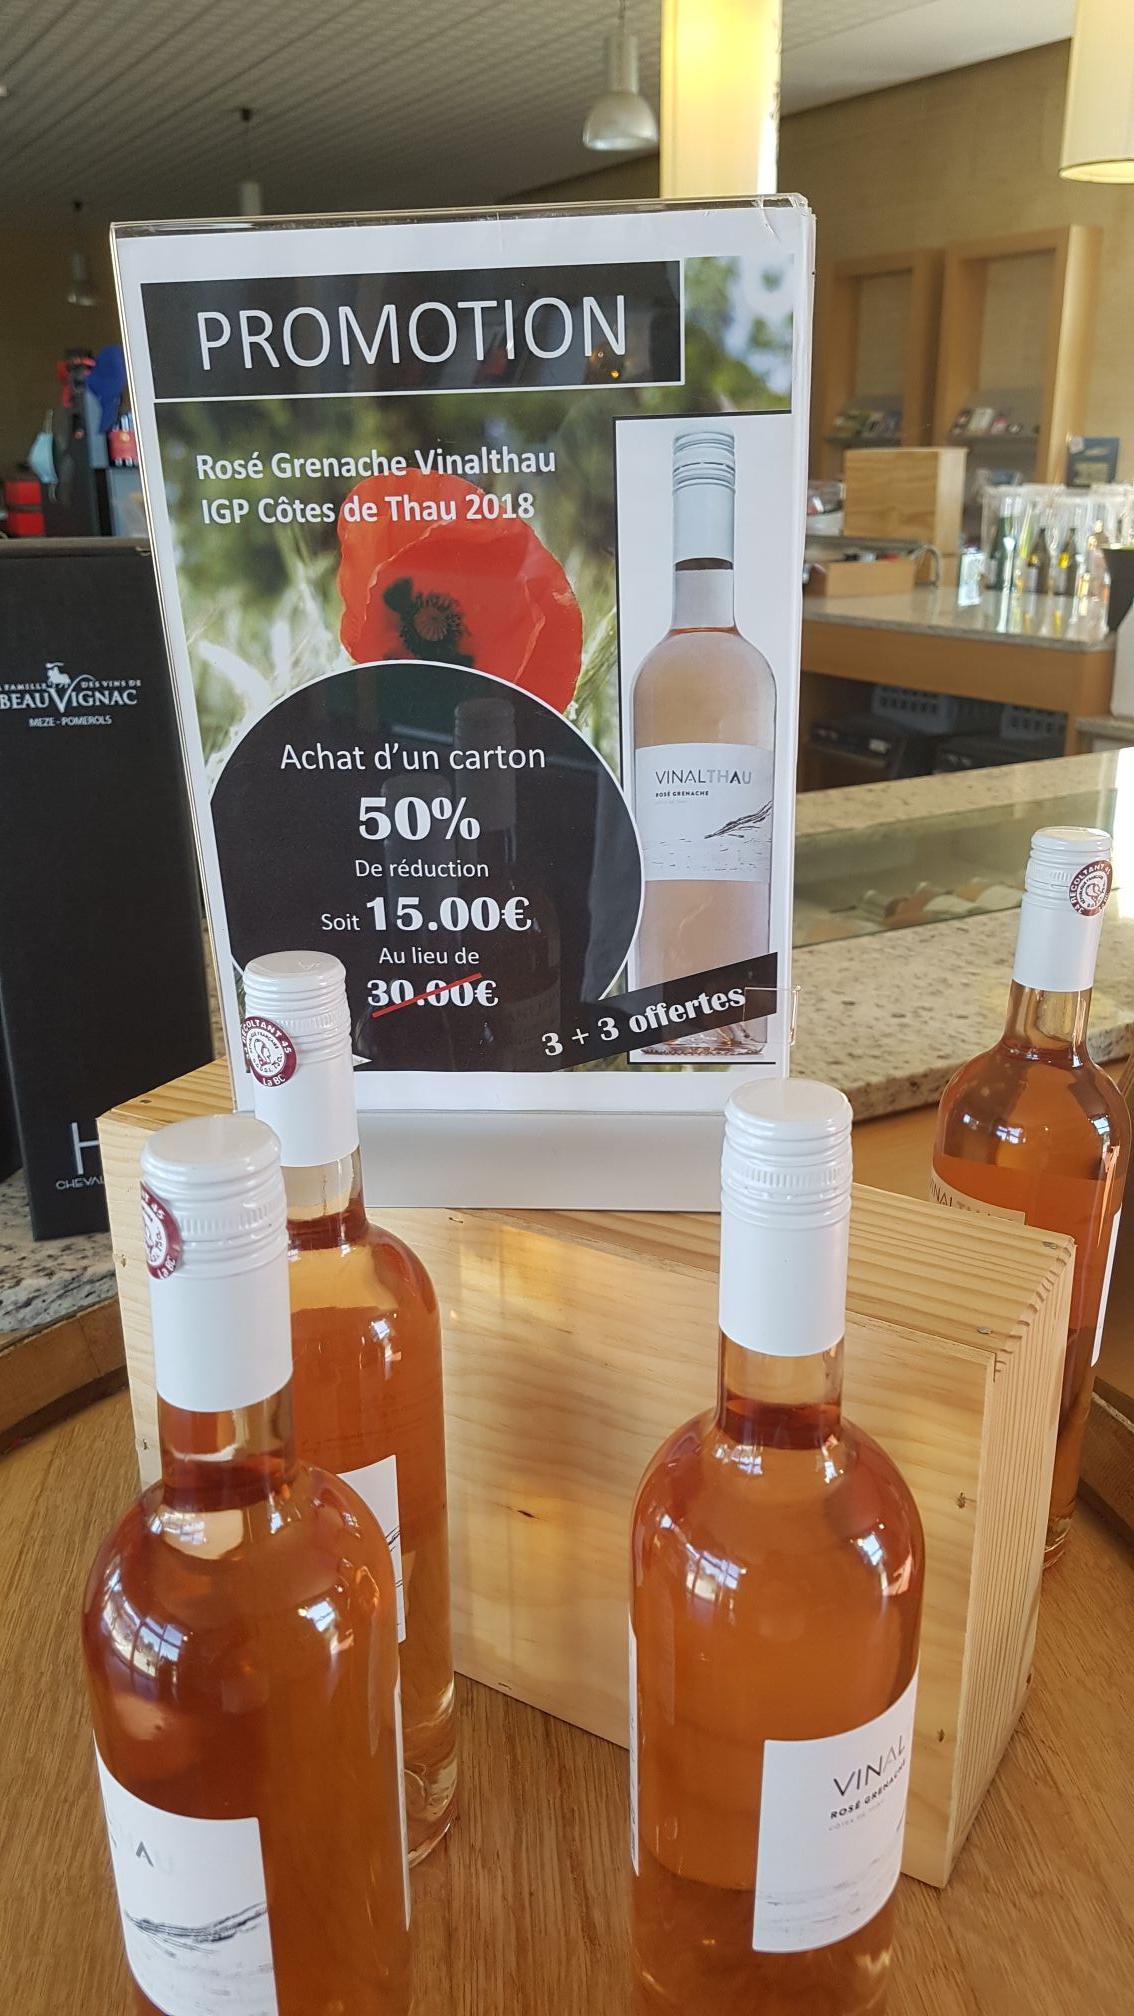 Carton de 6 bouteilles de vin rosé grenache vinalathau igp côte rosé 2018 - Caveau de beauvignac à mèze (34)